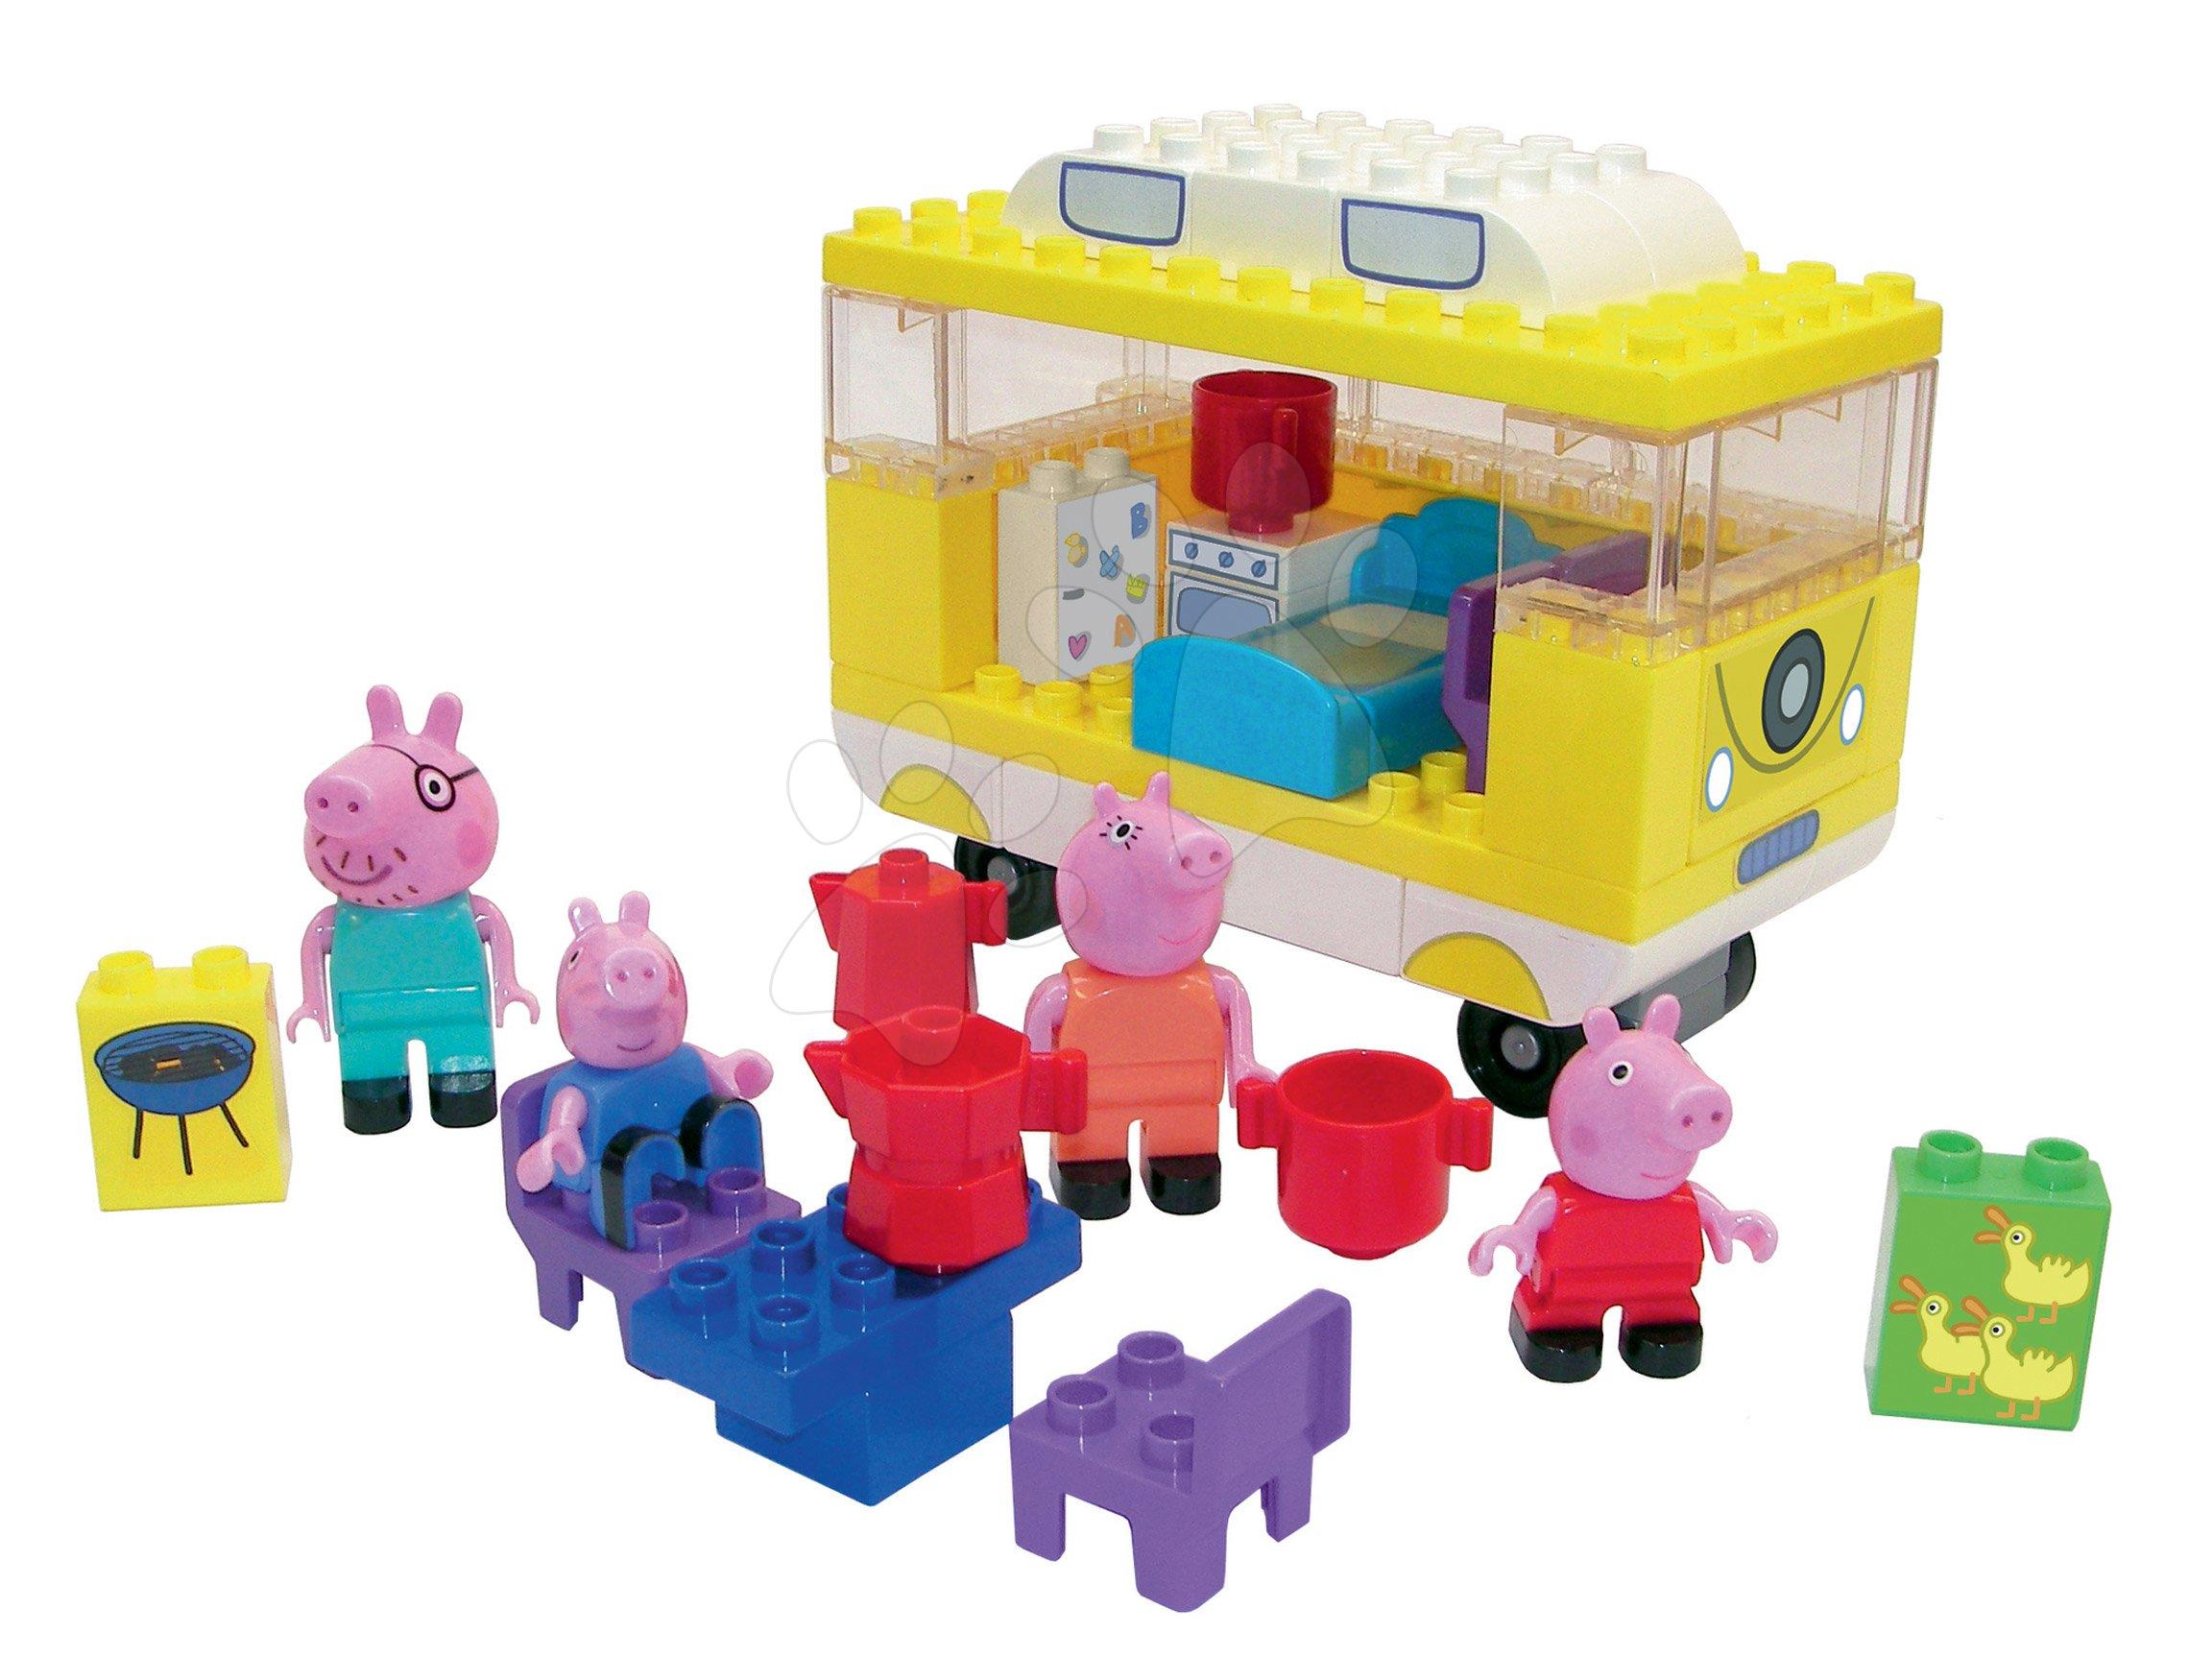 Stavebnica Peppa Pig Camper PlayBIG Bloxx BIG kempovanie s karavanom so 4 figúrkami 54 dielov od 18 mes